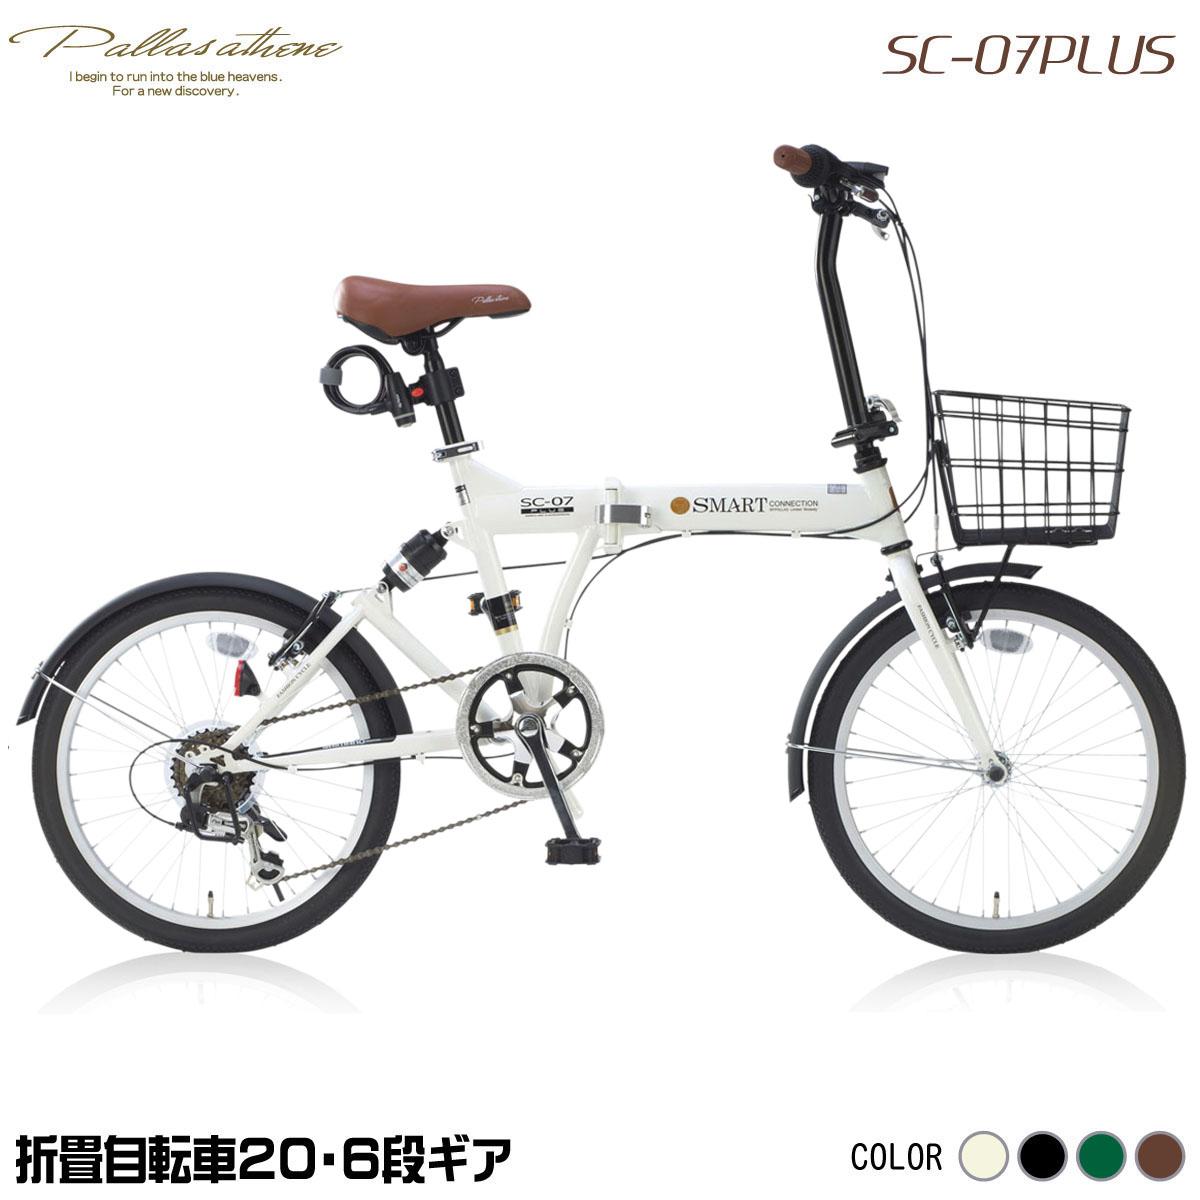 マイパラス SC-07PLUS-IV アイボリー [折りたたみ自転車(20インチ・6段変速)] 【同梱配送不可】【代引き・後払い決済不可】【本州以外の配送不可】